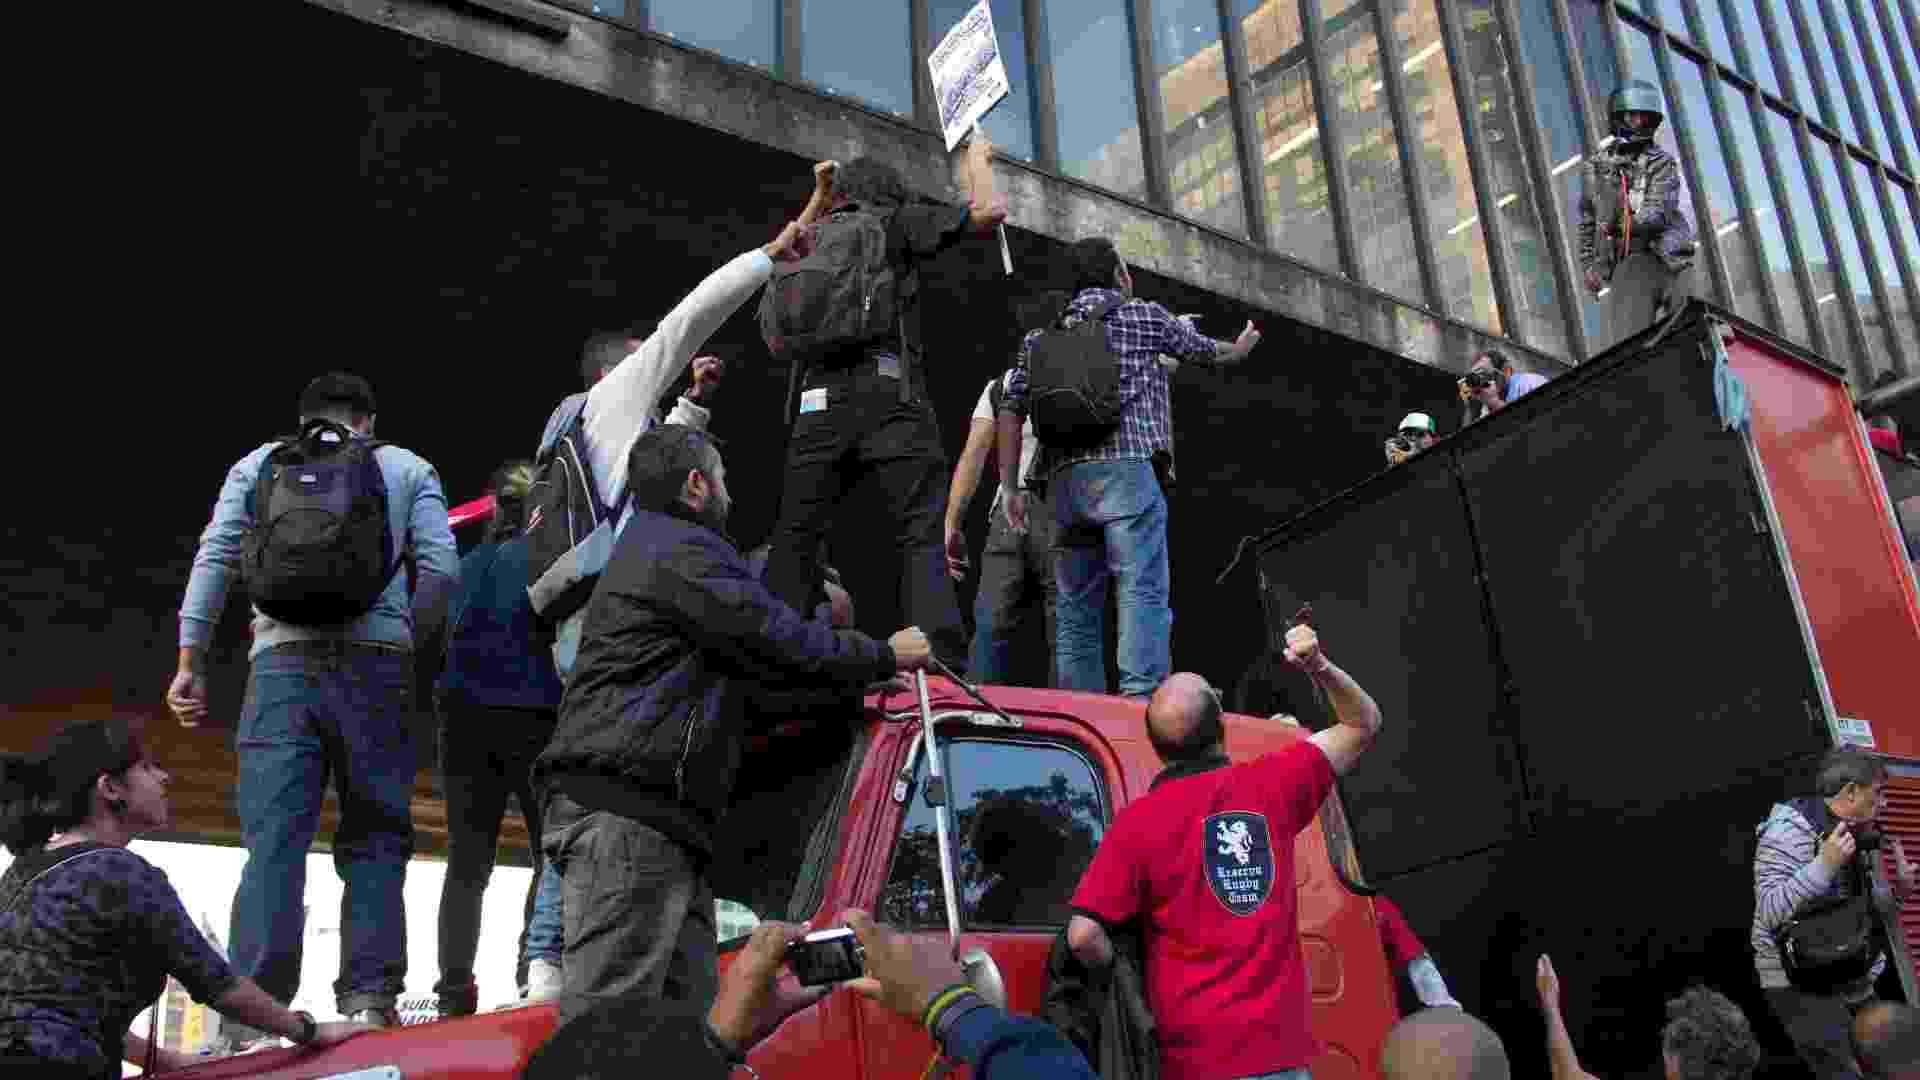 10.mai.2013 - Em meio a confusão durante assembleia nesta sexta-feira (10), a Apeoesp (sindicato dos professores) suspendeu a greve da rede estadual de São Paulo. A resolução foi tomada em manifestação no vão do Masp (Museu de Arte de São Paulo), na avenida Paulista. Apesar da maioria dos professores presentes na assembleia votarem pela permanência da greve, iniciada no dia 22 de abril, a presidente de Apeoesp, Maria Izabel Noronha, anunciou o fim da greve. Após o anúncio, parte dos docentes se revoltou contra a sindicalista - Diogo Moreira/Frame/Estadão Conteúdo